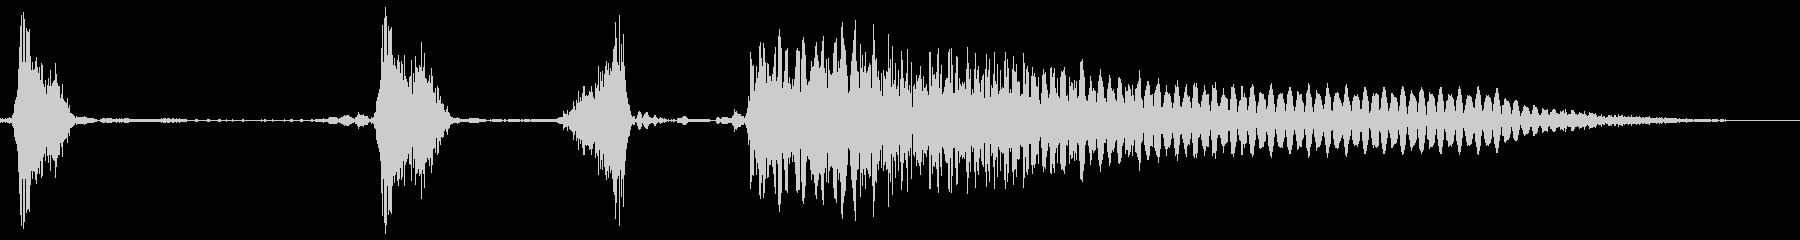 DJトリプルスクラブとパンチの未再生の波形